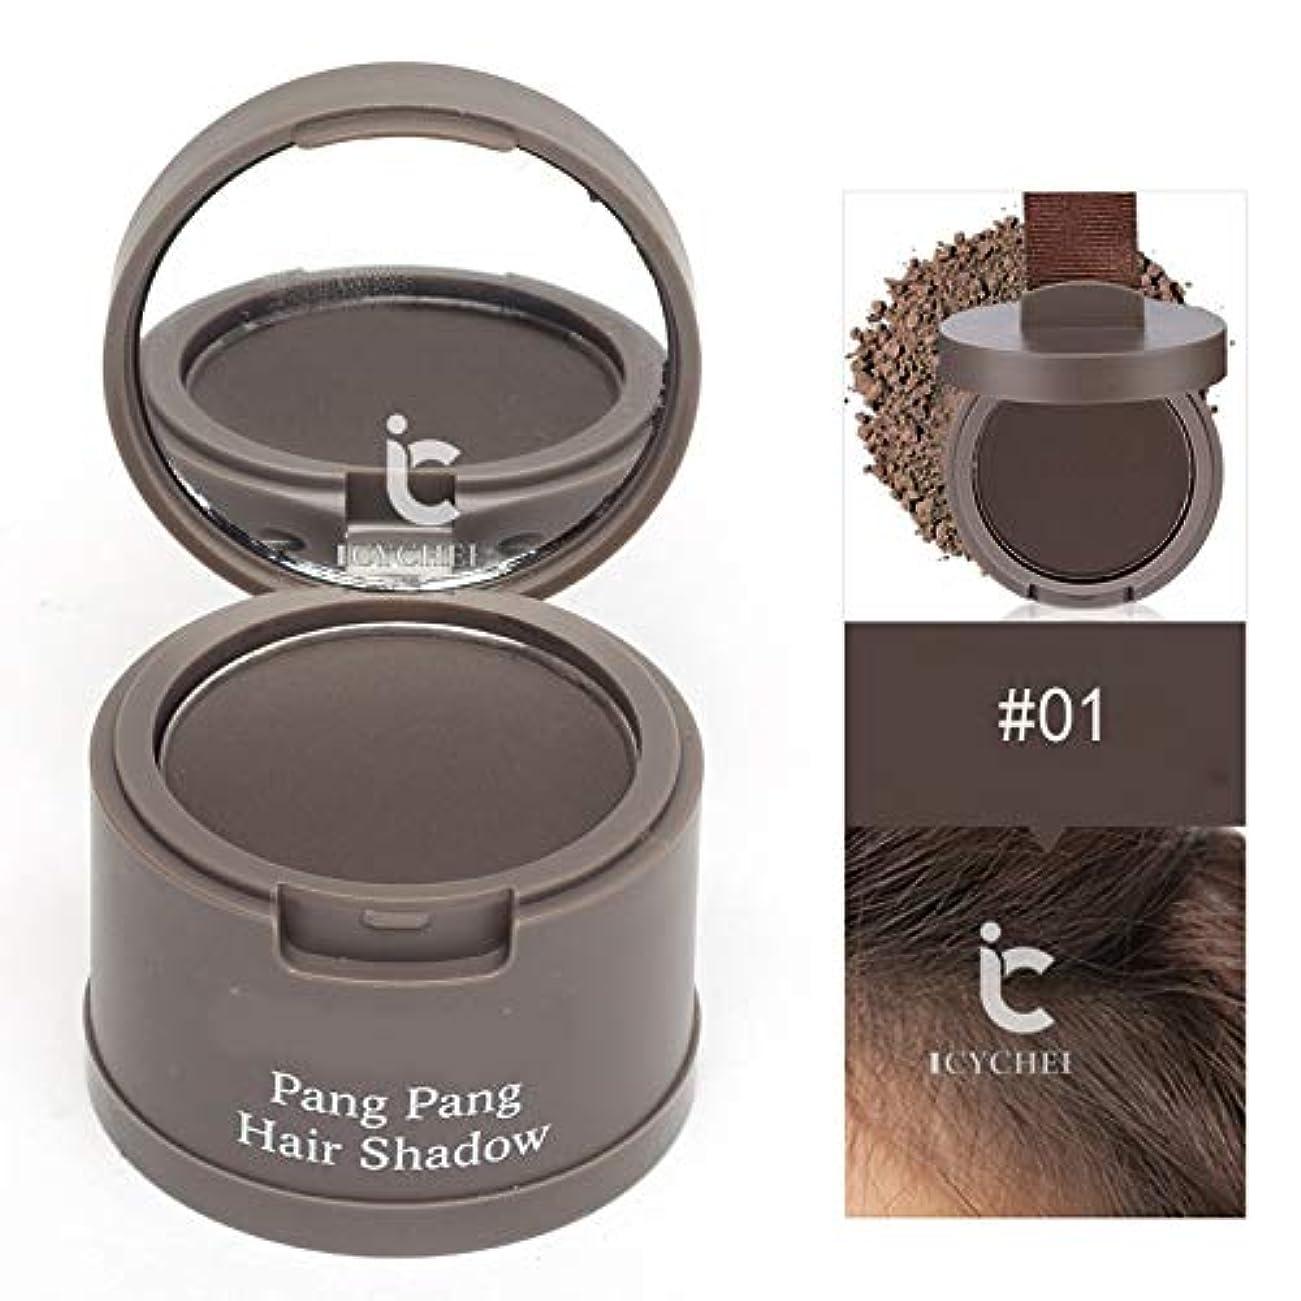 航空機最悪痛み髪のためのヘアラインシャドウパウダー髪のシェーダレタッチルーツと髪パーフェクトカバレッジをラスティングICYCHEER防水ロング (01)